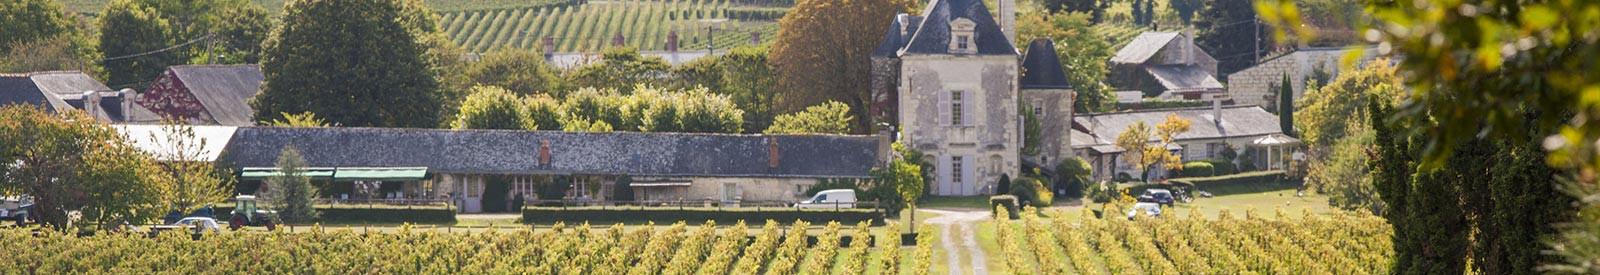 Château de Chaintres - Saumur - Organic wine